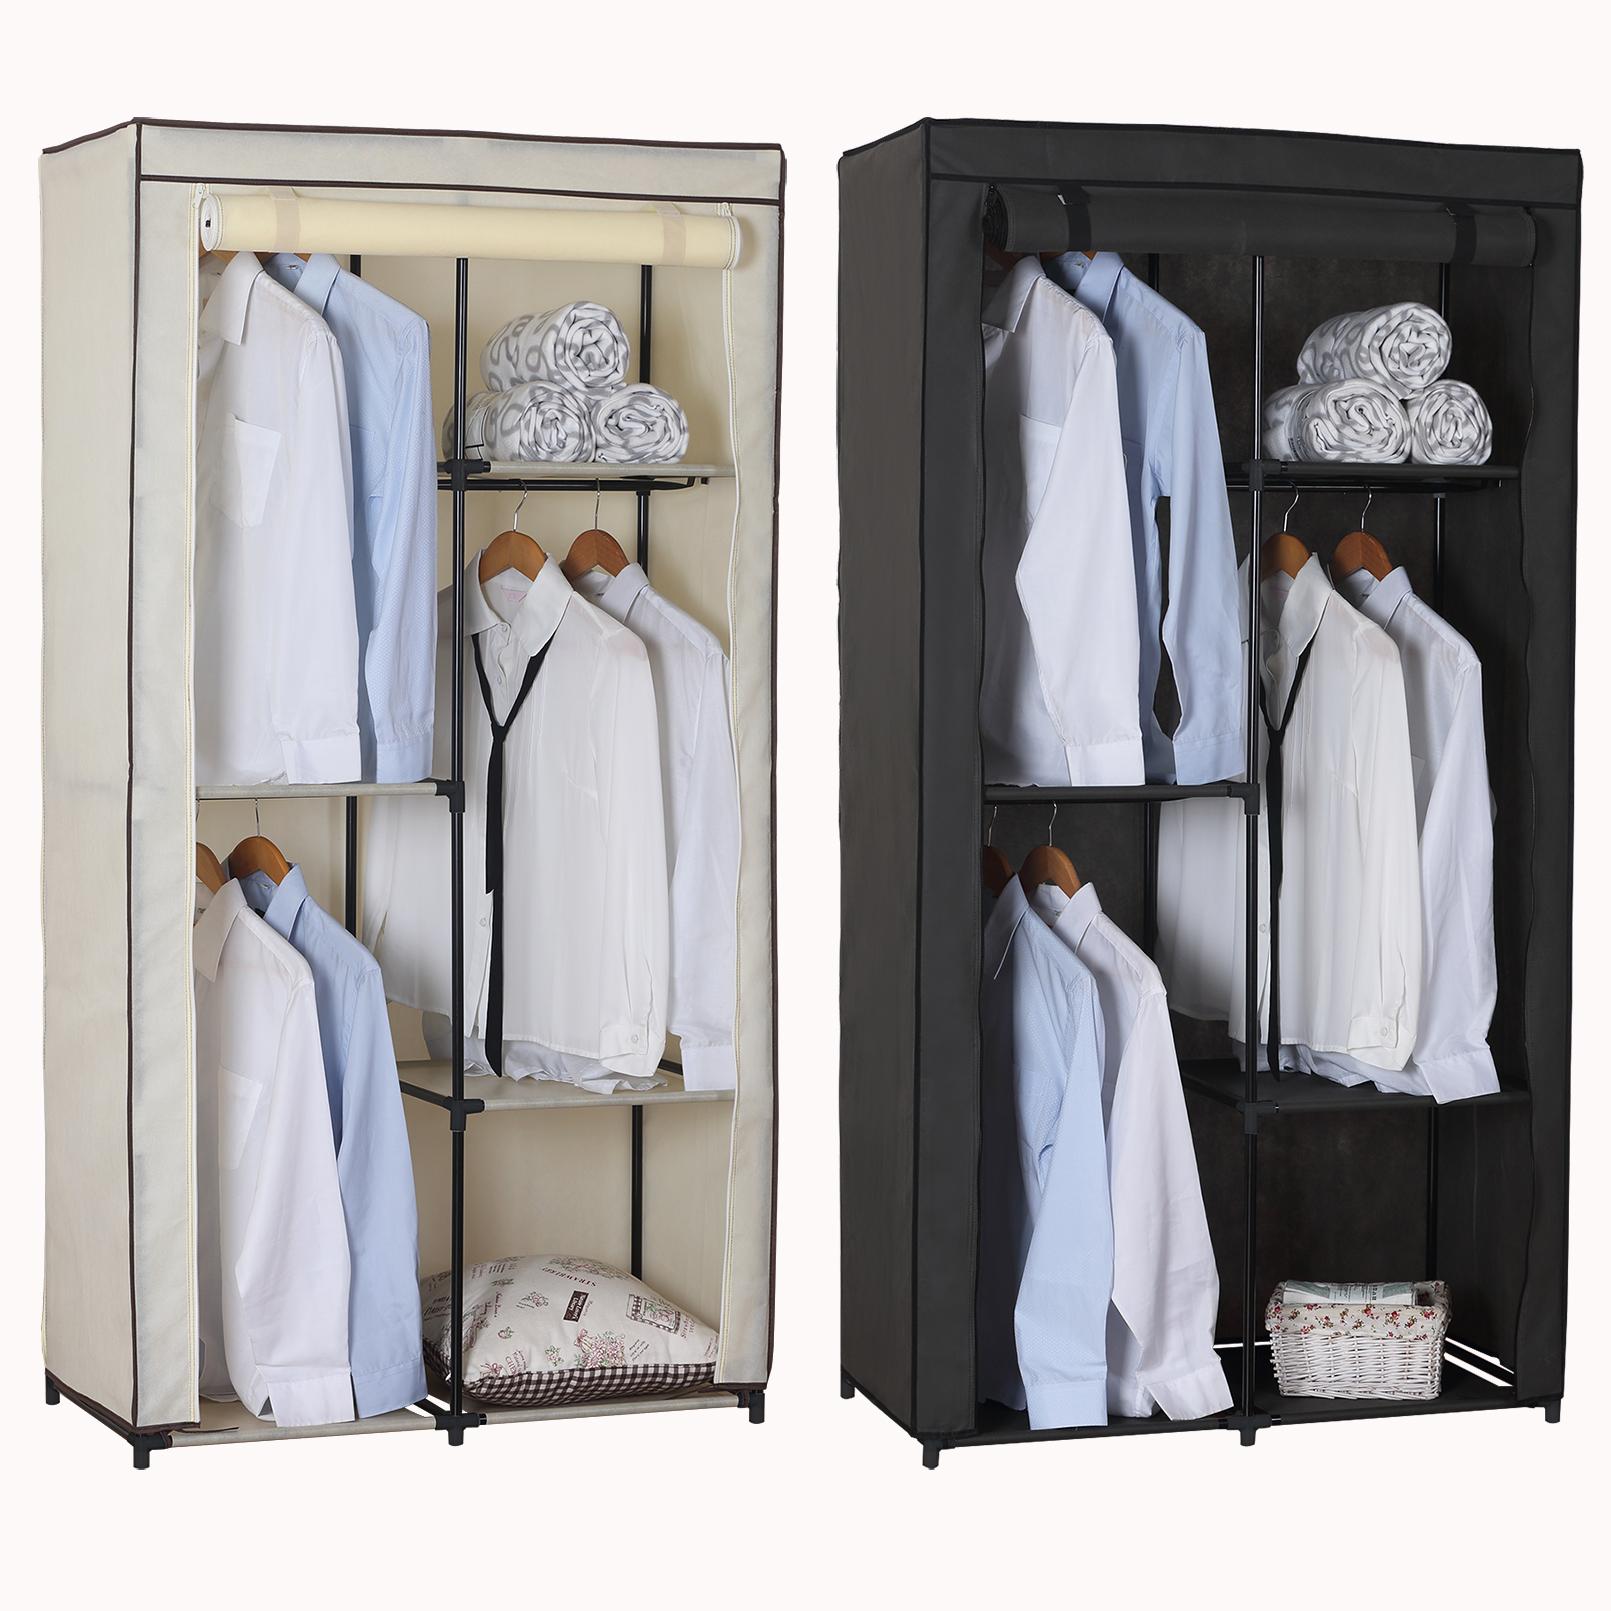 Kleiderstange Ebay: Kleiderschrank Stoff Garderobenschrank Faltschrank Mit